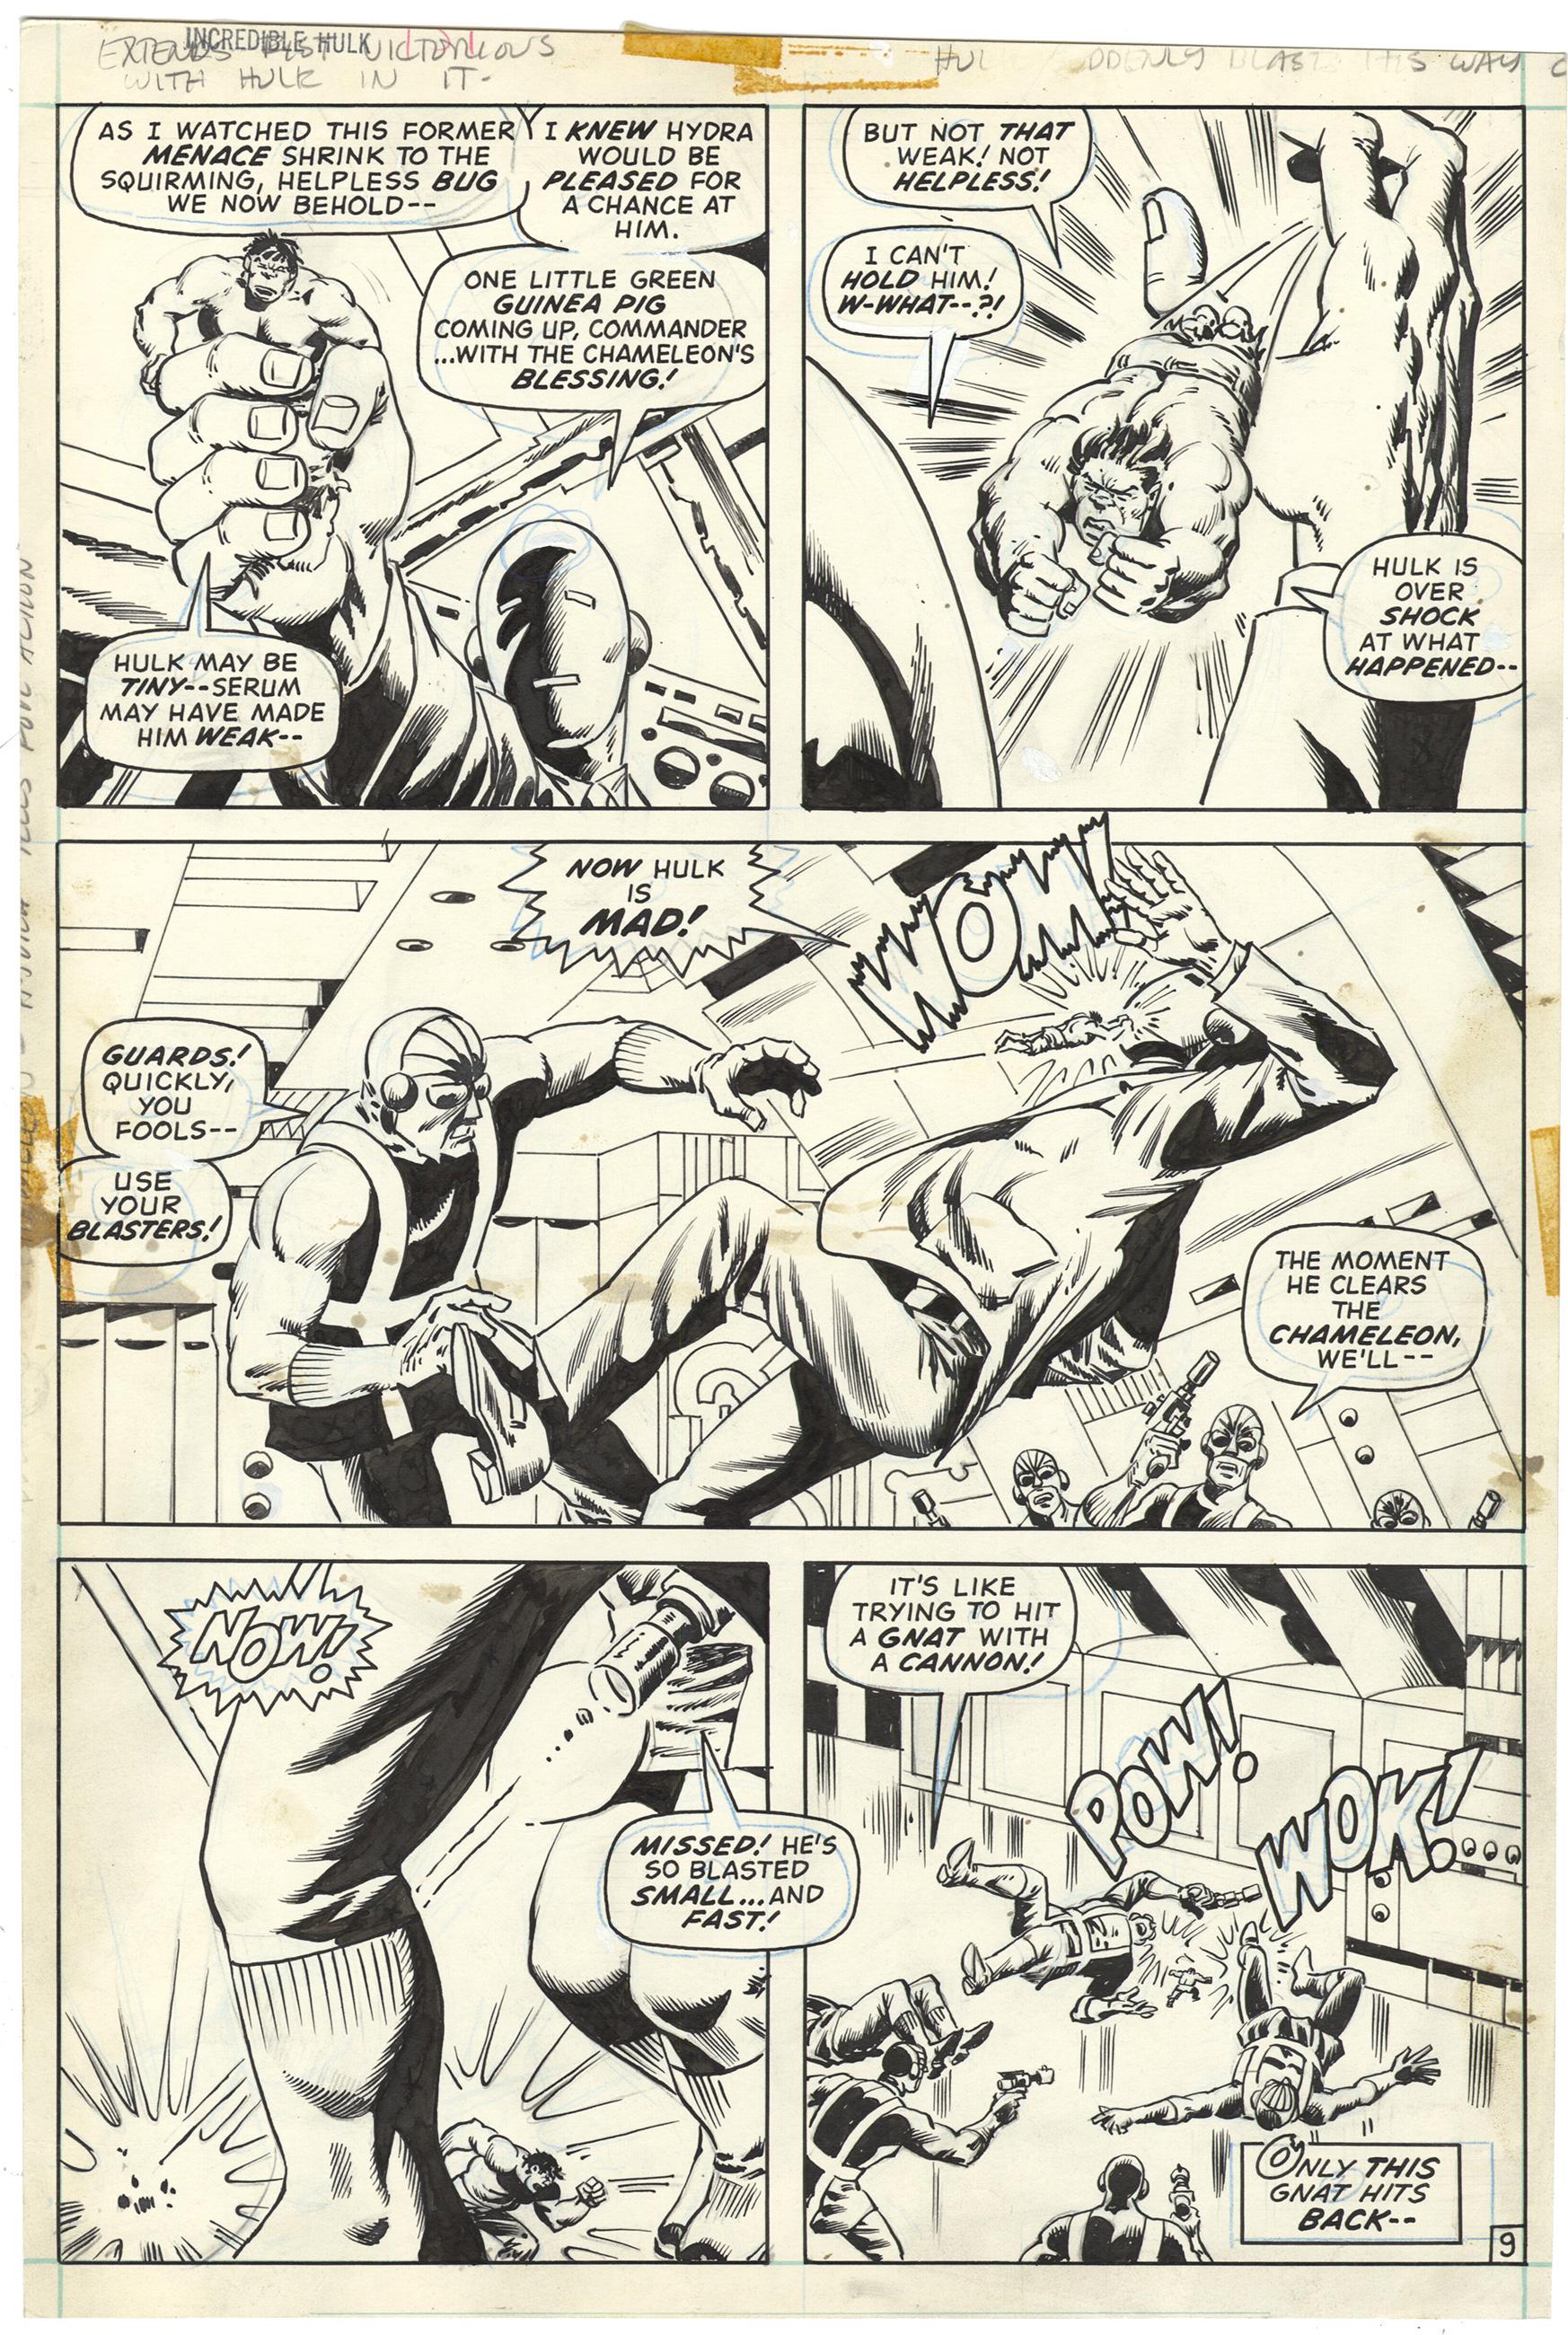 Incredible Hulk #154 p9